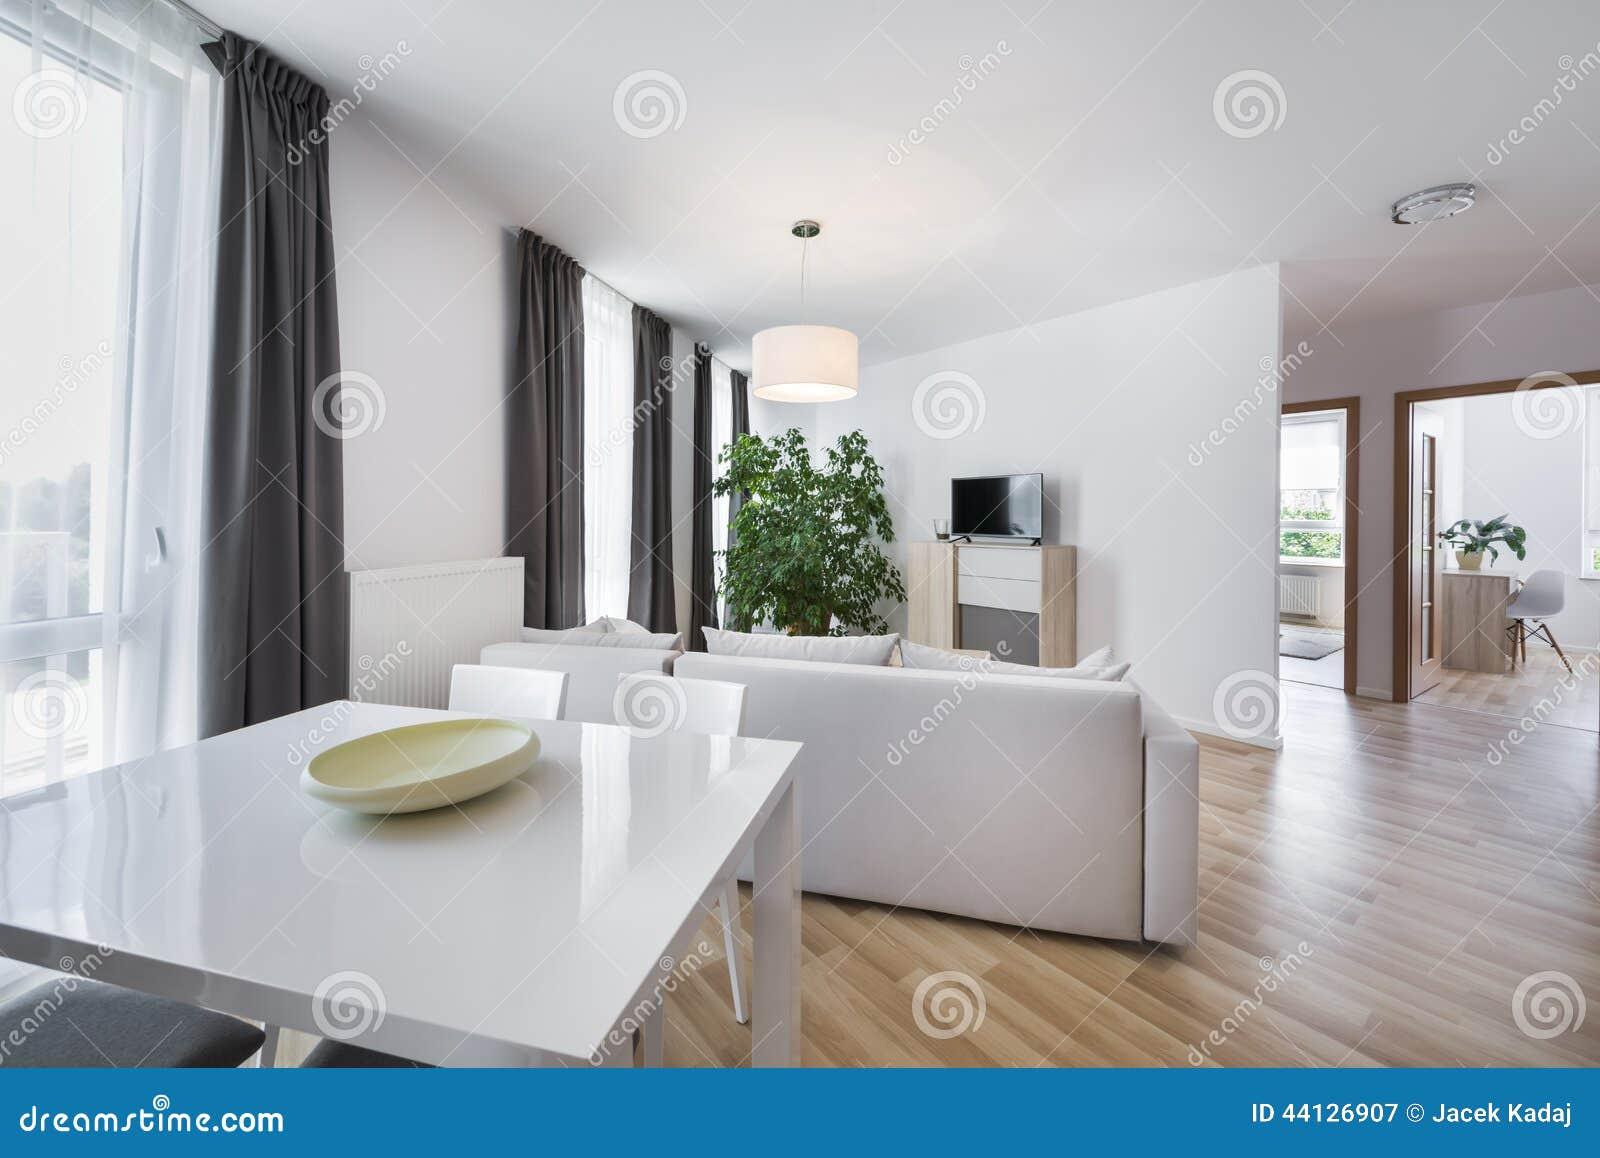 L 39 espace ouvert salon moderne de conception int rieure photo stock image 44126907 for Salon moderne chic italien